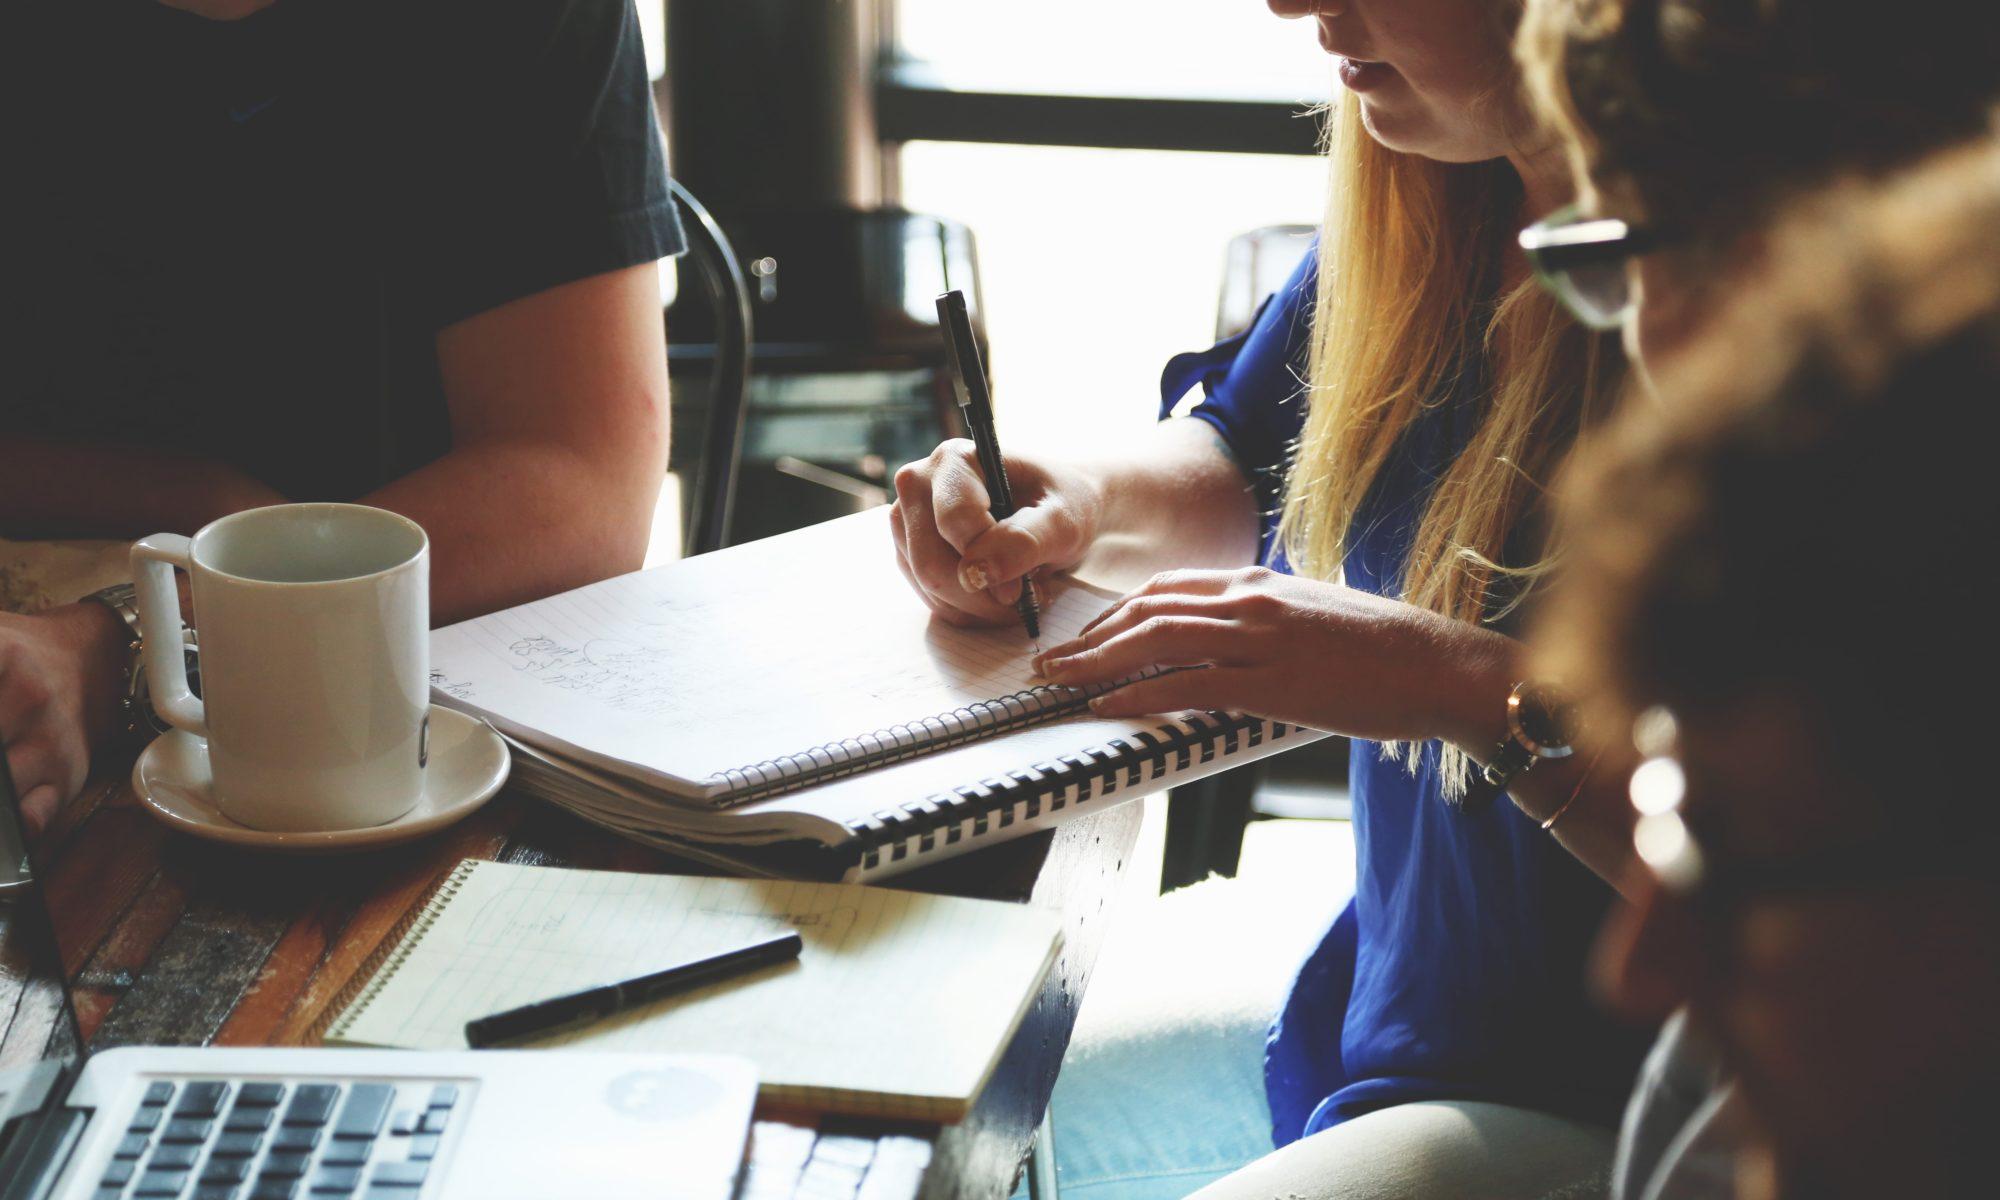 Kogemuslik nõustamine ja rühmatööd